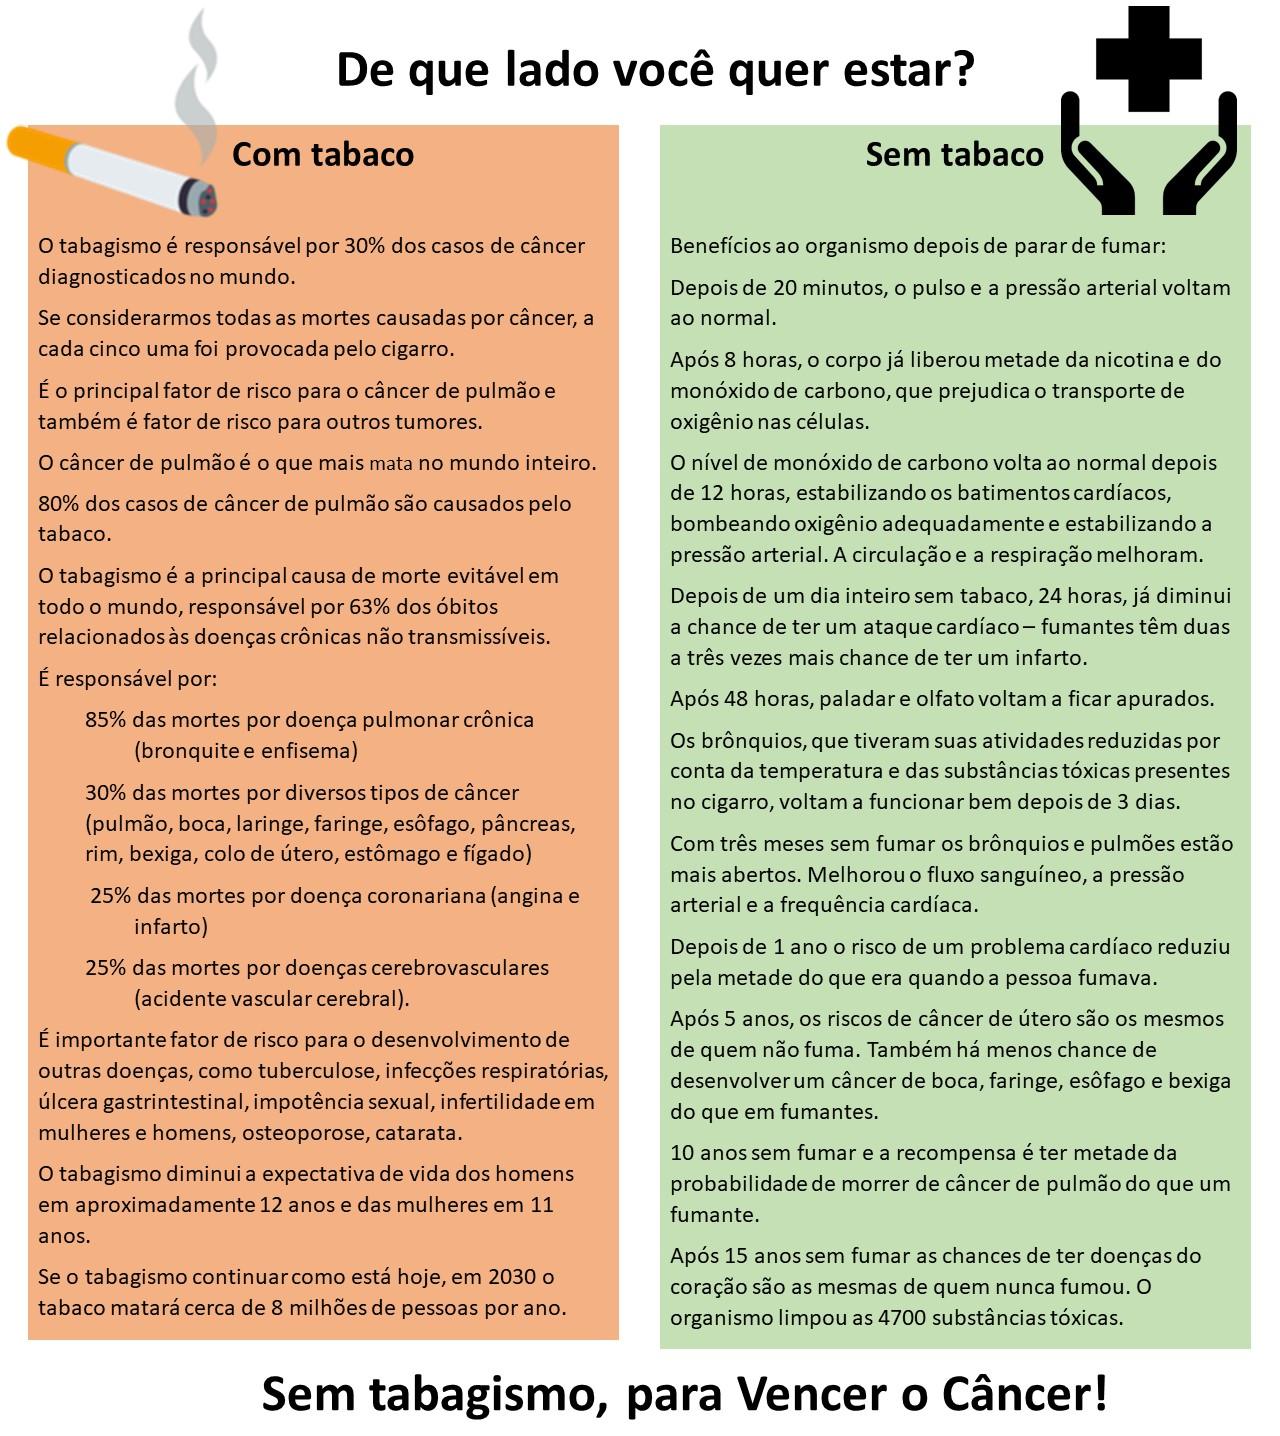 Tabela com comparação entre benefícios e malefícios do cigarro.